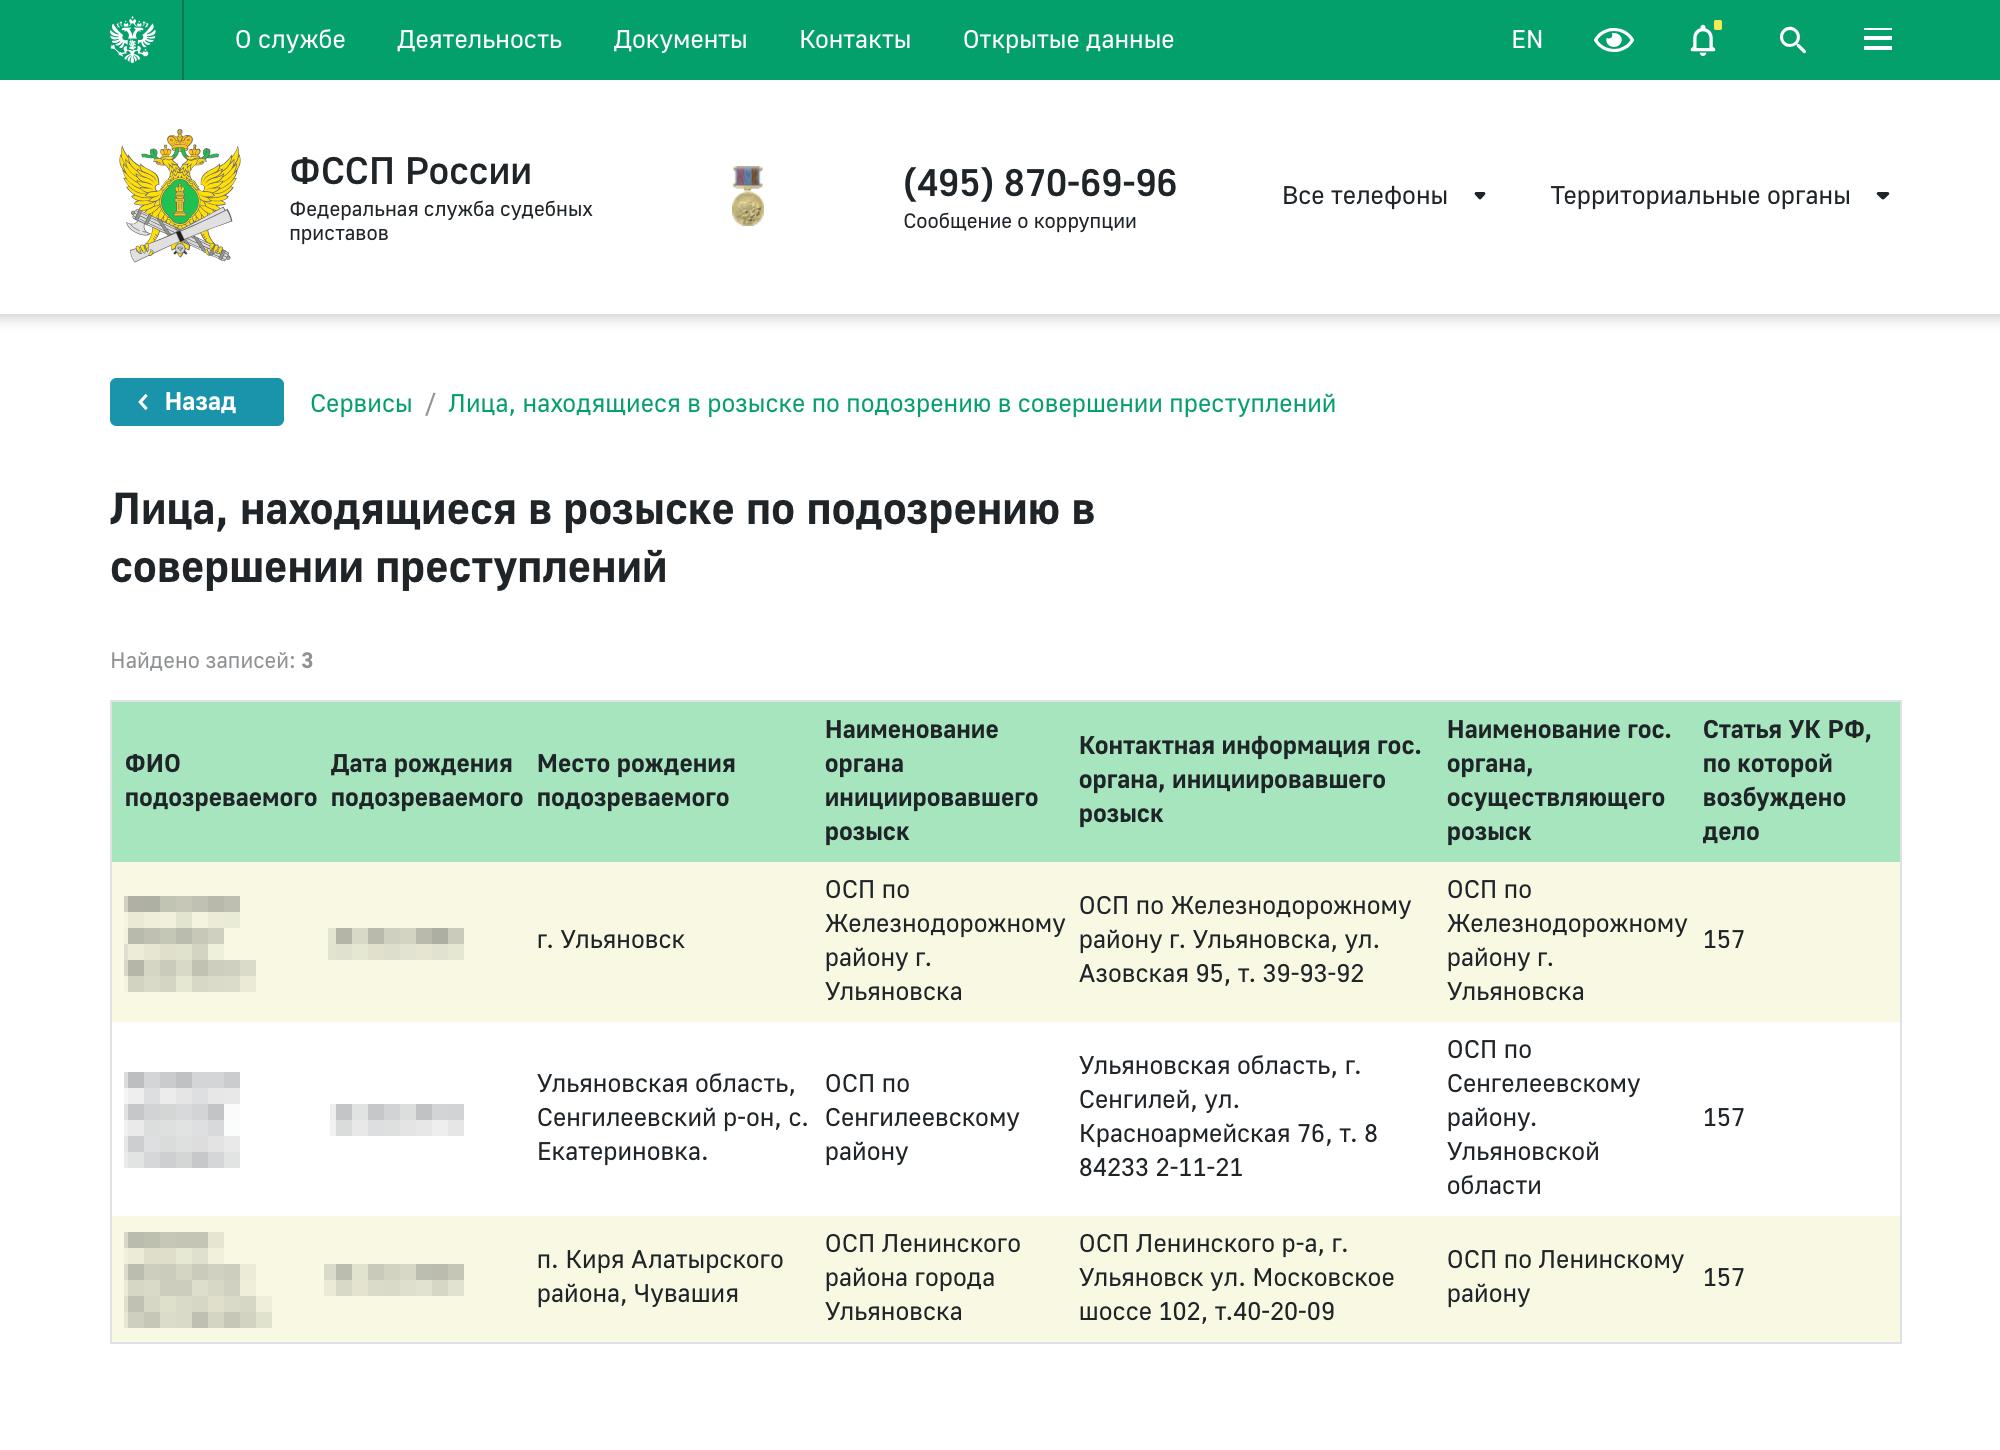 В Ульяновской области три злостных неплательщика, которых разыскивают уже в рамках уголовных дел по статье 157 УК РФ «Неуплата средств на содержание детей»